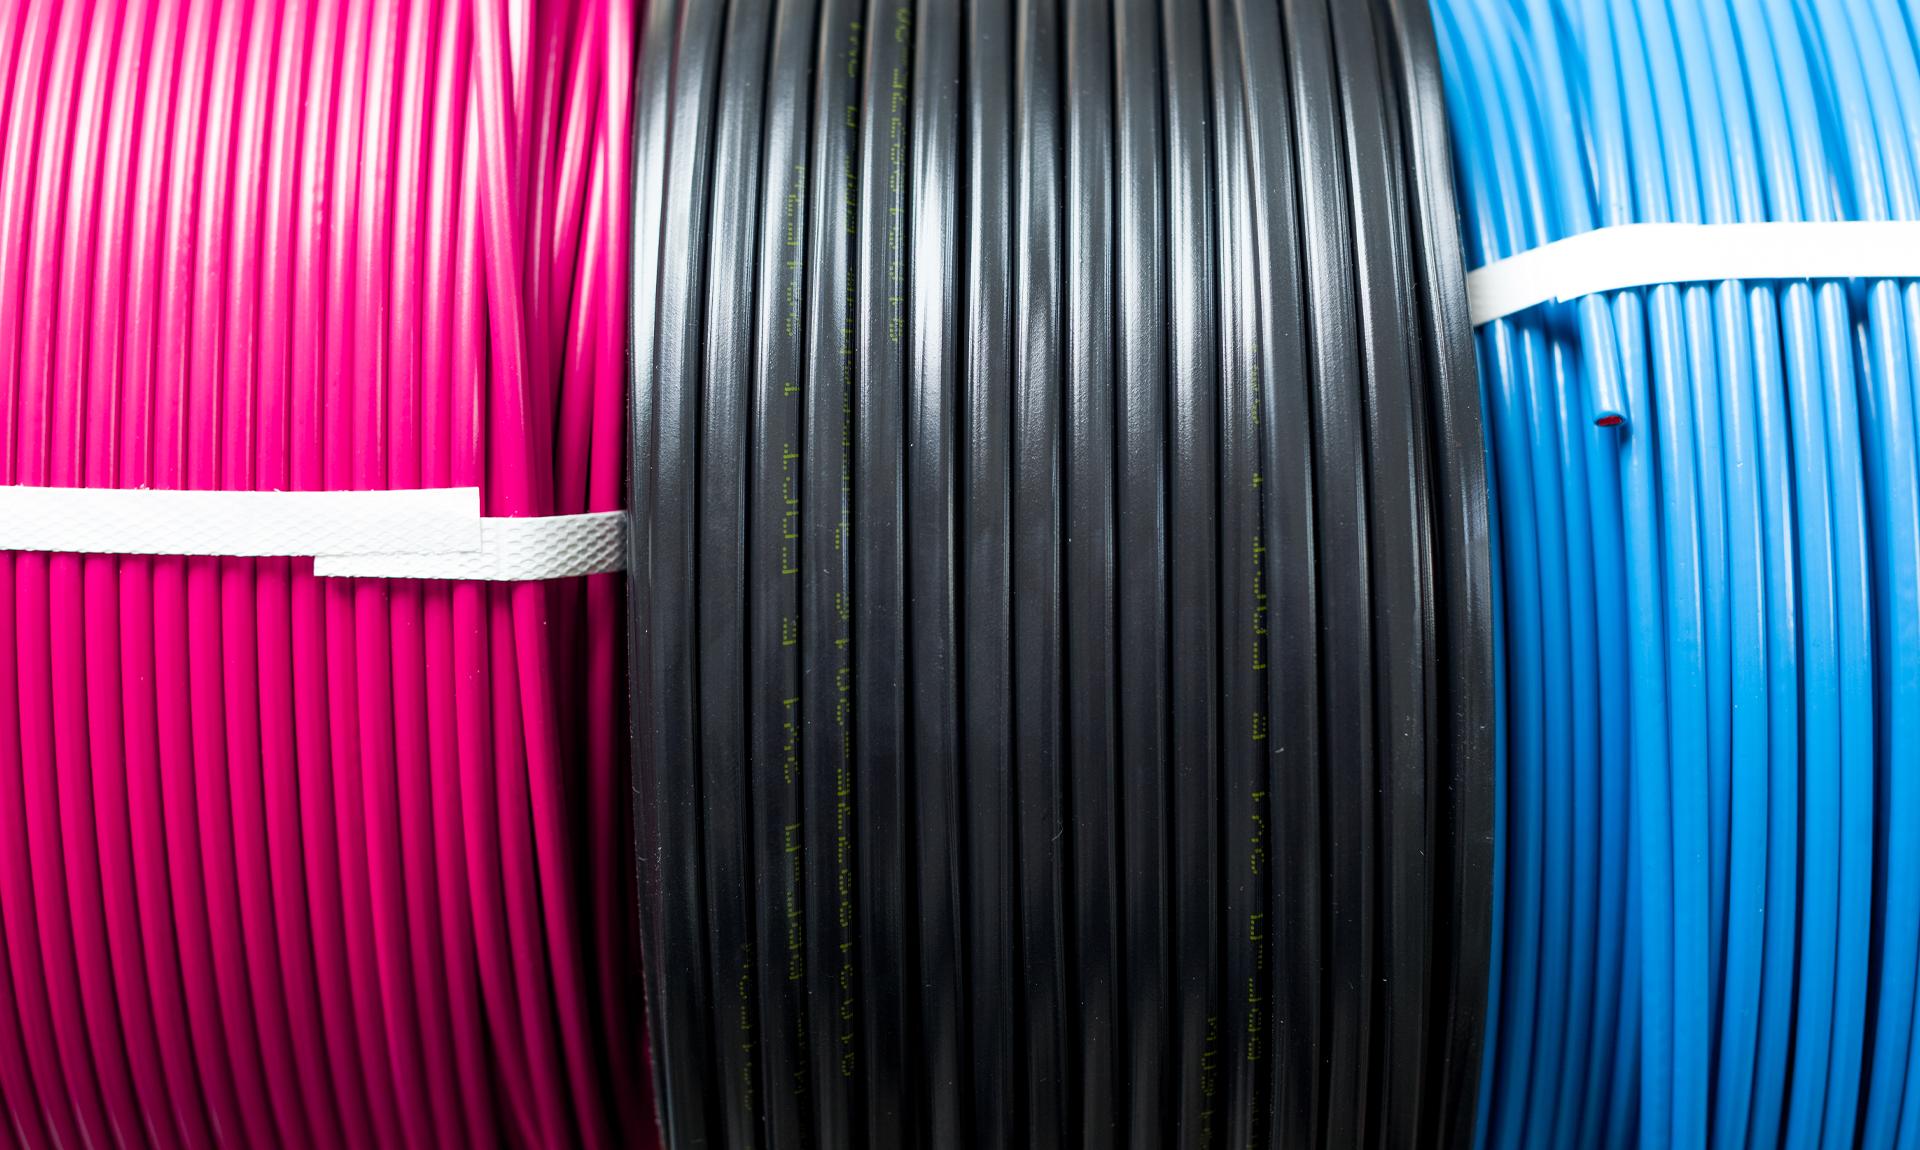 Industria della gomma e della plastica: immagine di cavi